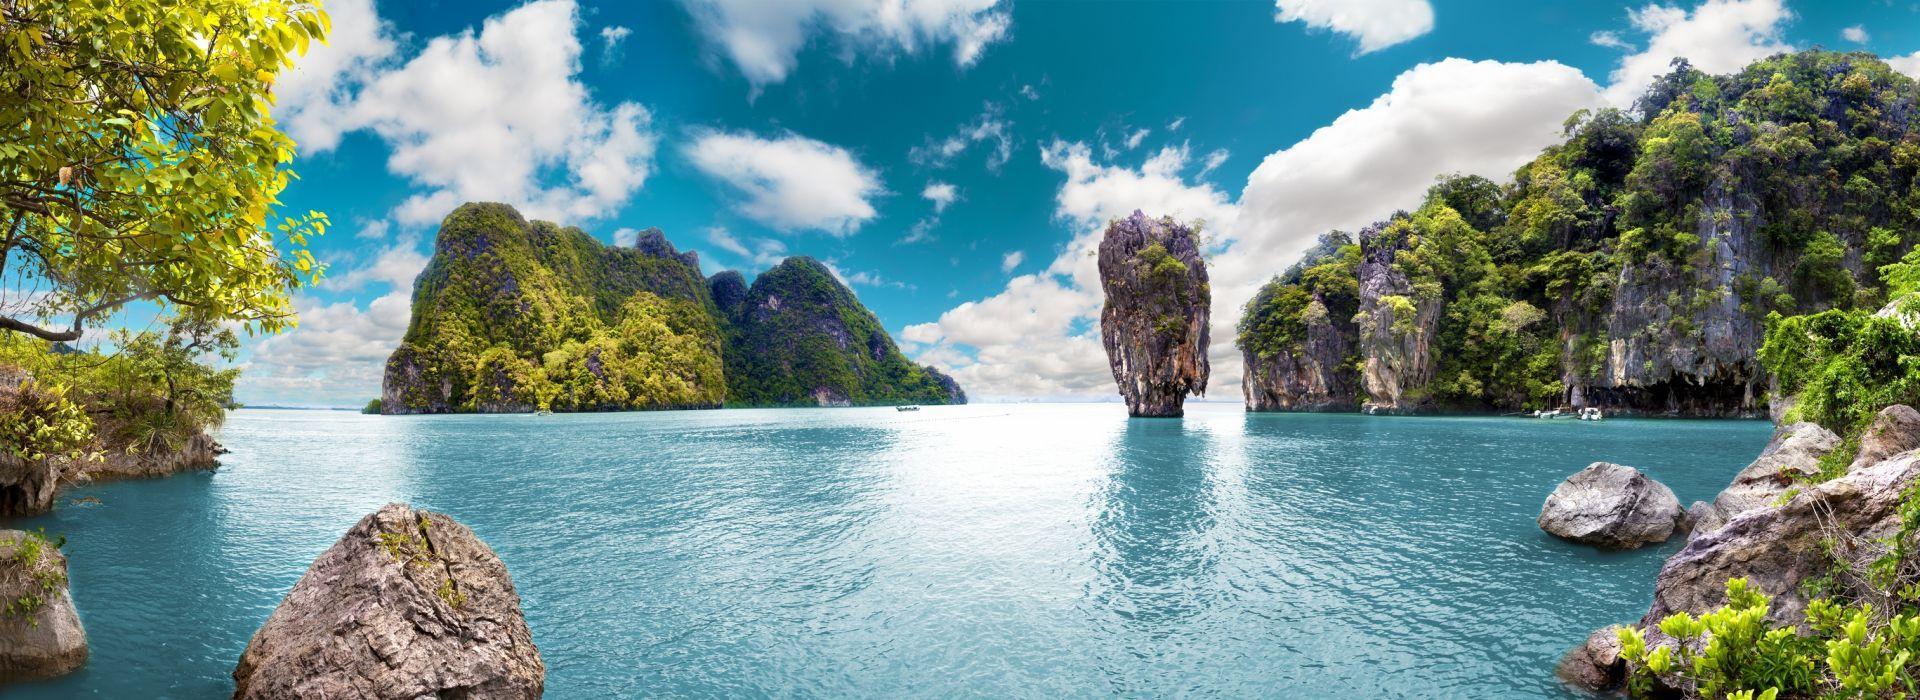 Zip lining Tours in Phuket